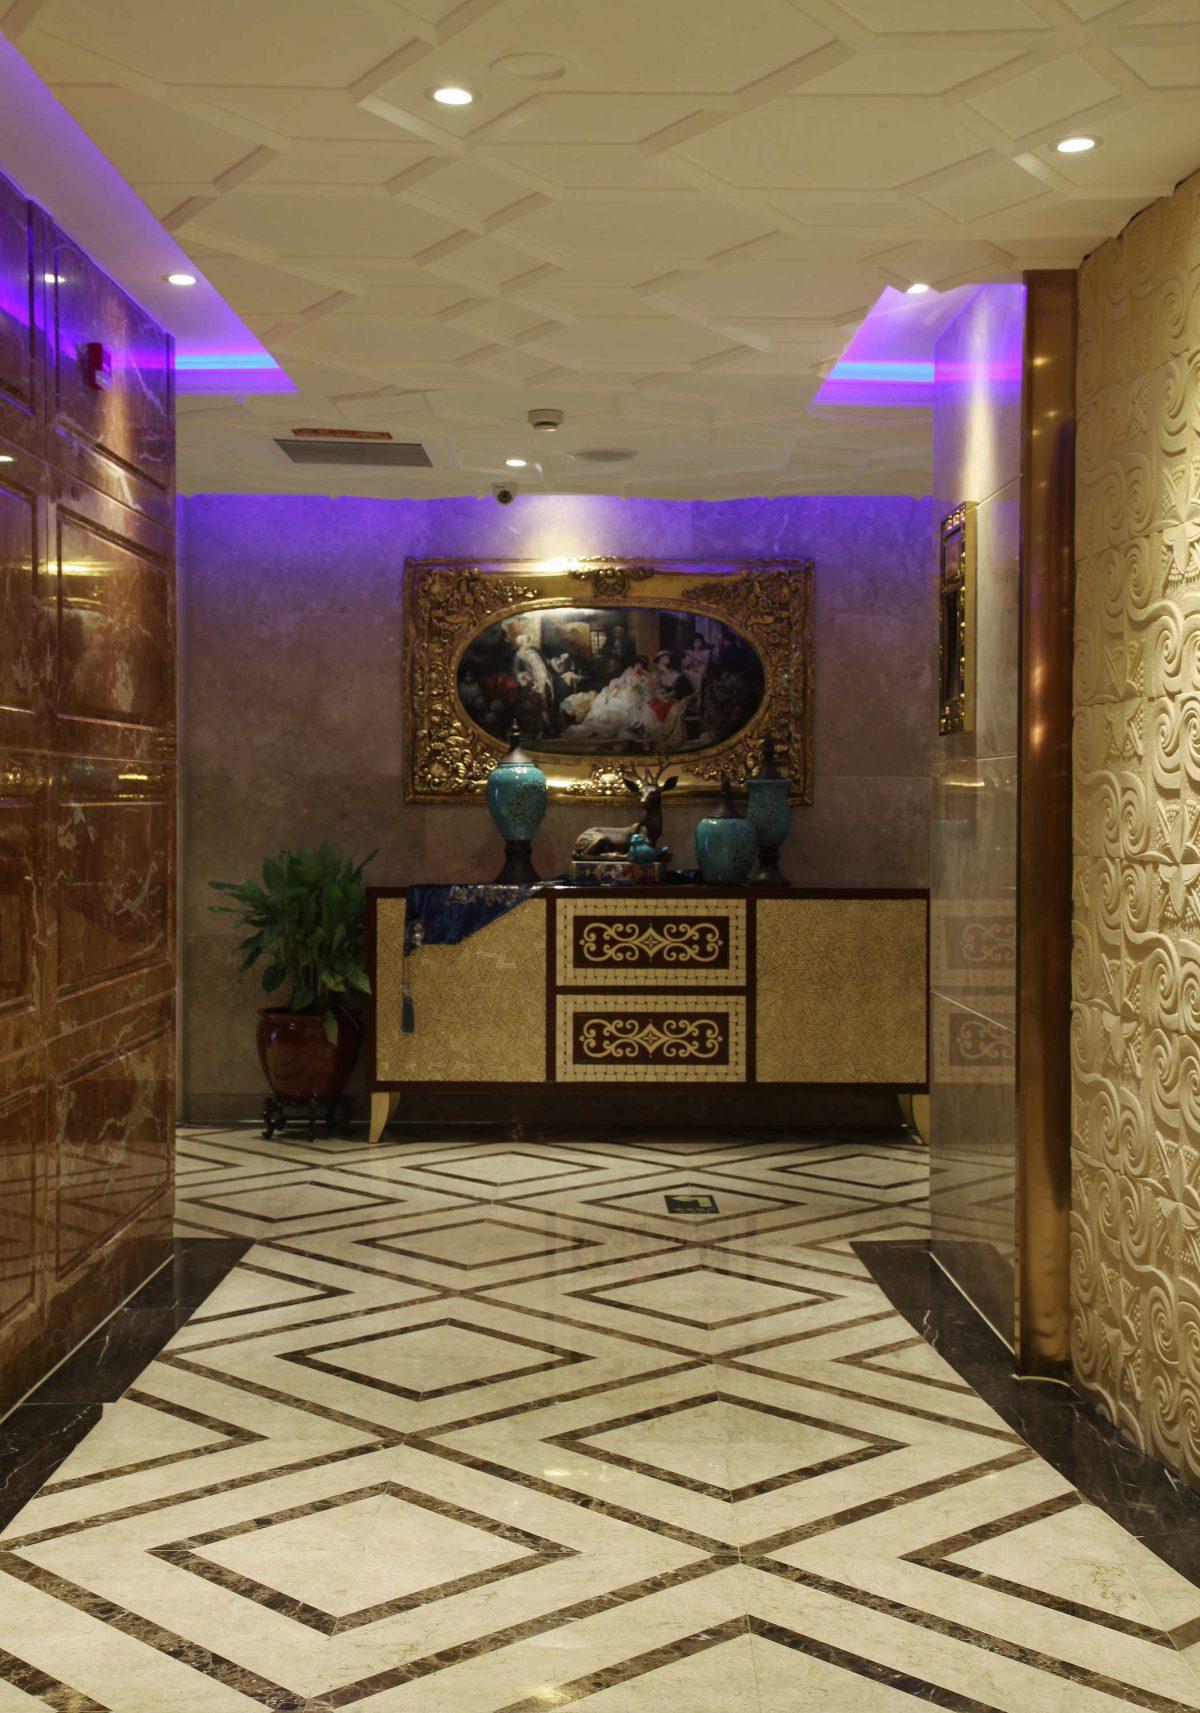 浙江慈溪 皇家大酒店 (3)